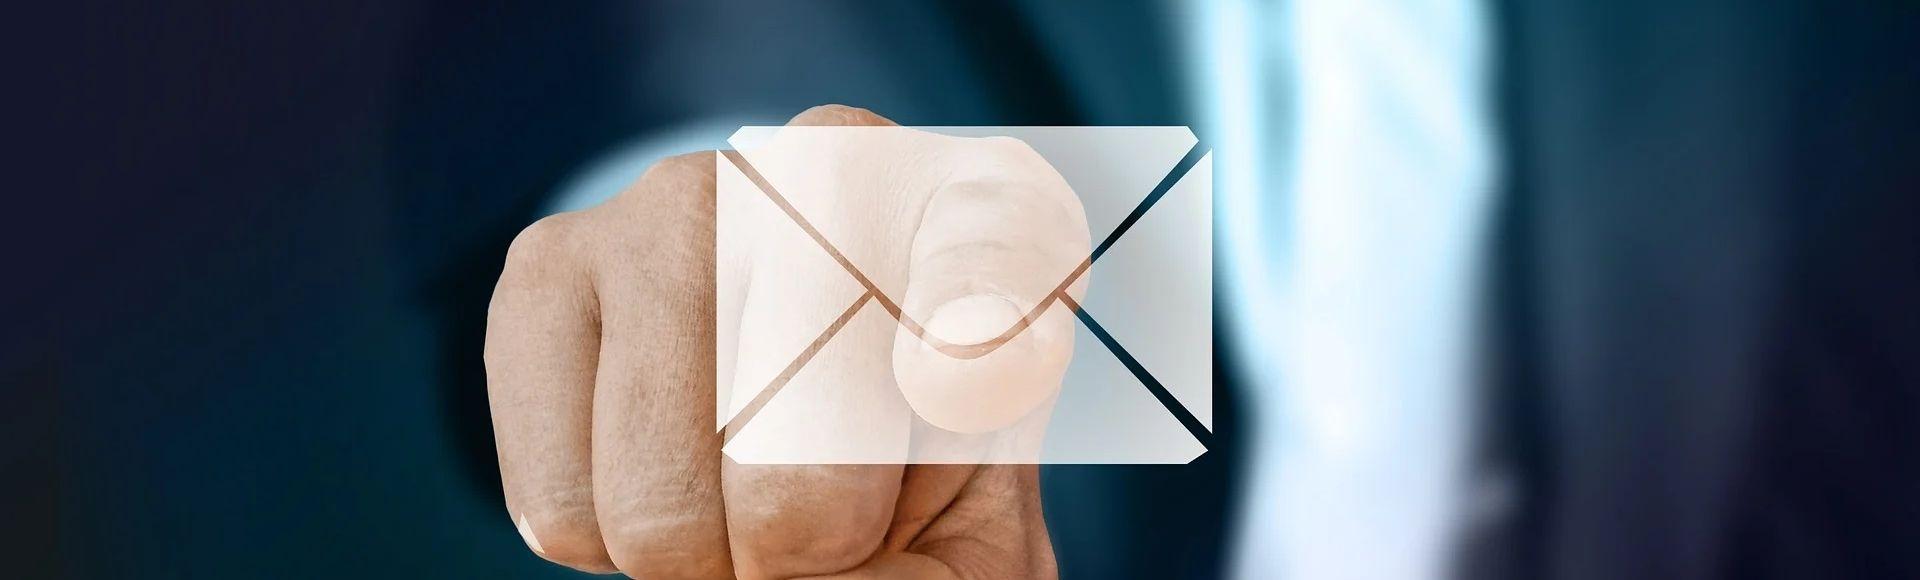 e-mail marketing błędy